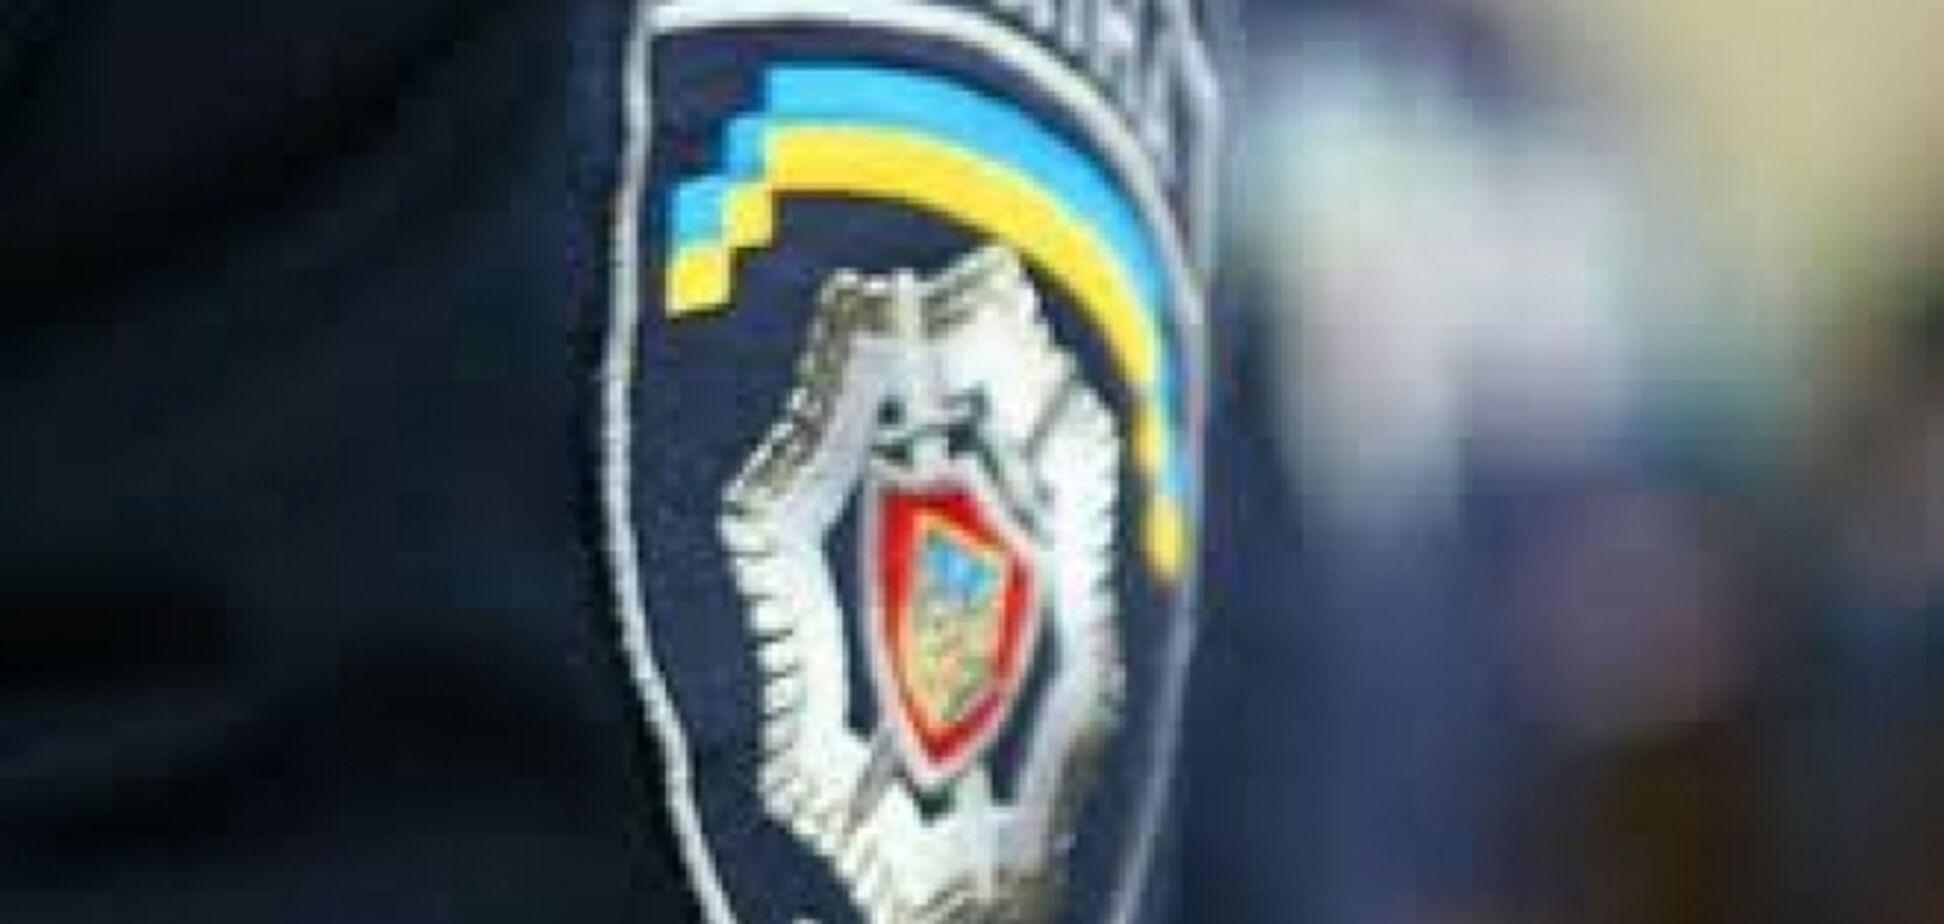 Из МВД уволили женщину-капитана милиции за поздравление коллег с 23 февраля и георгиевскую ленту